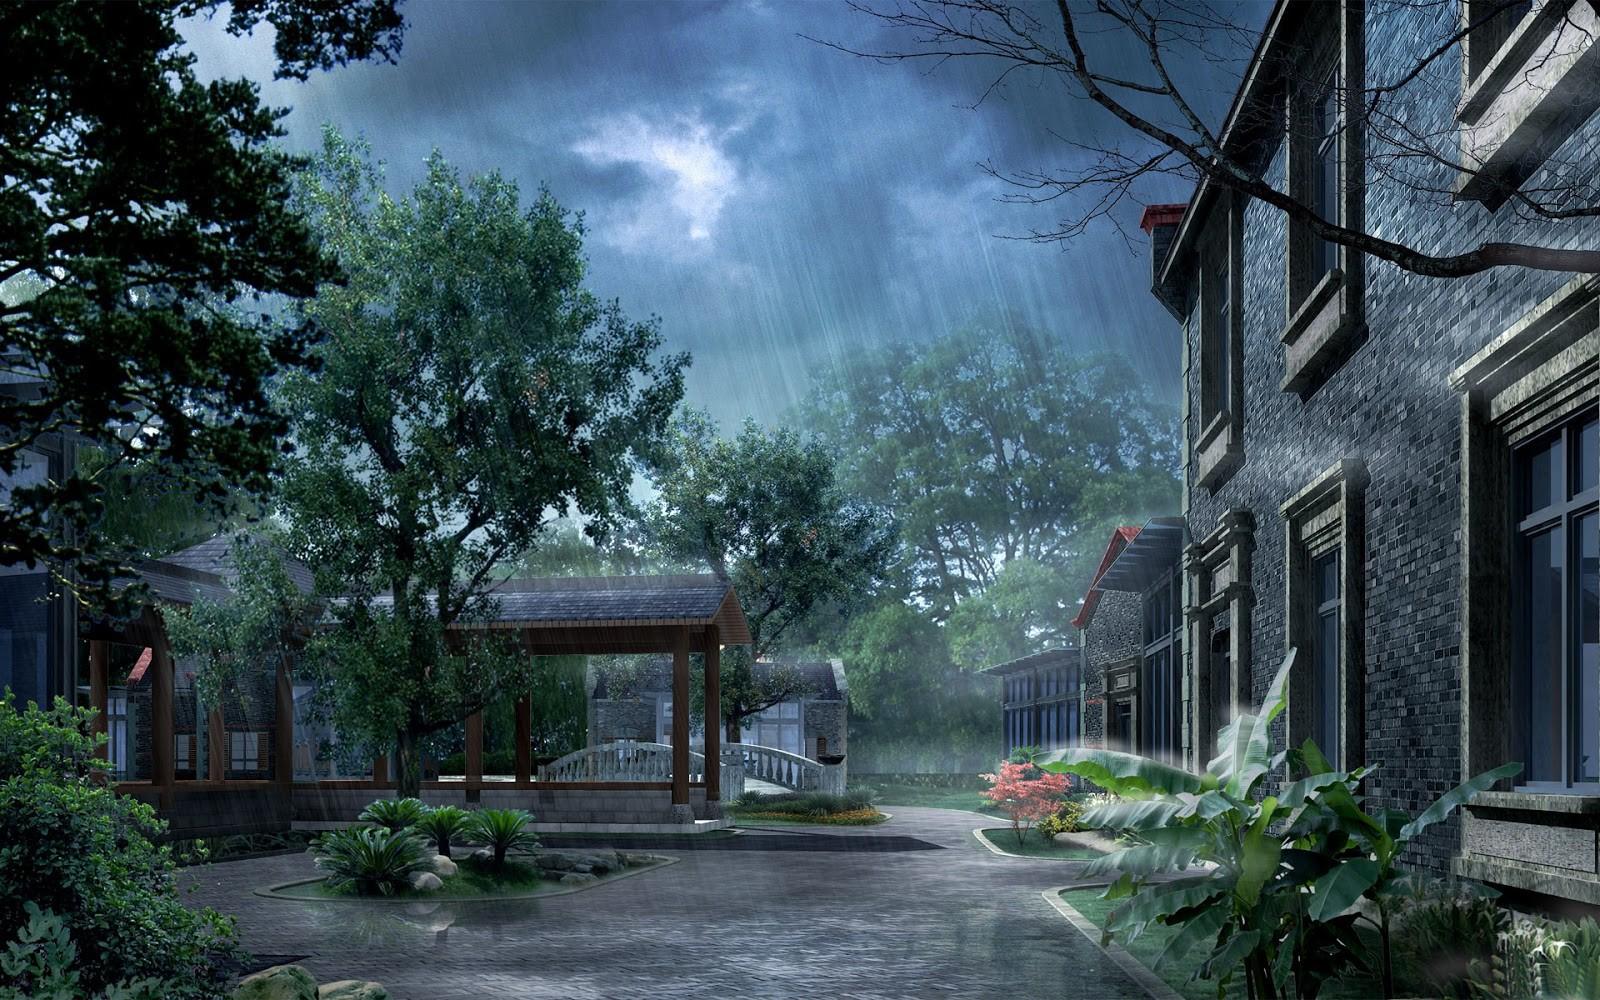 animated rain wallpaper - wallpapersafari